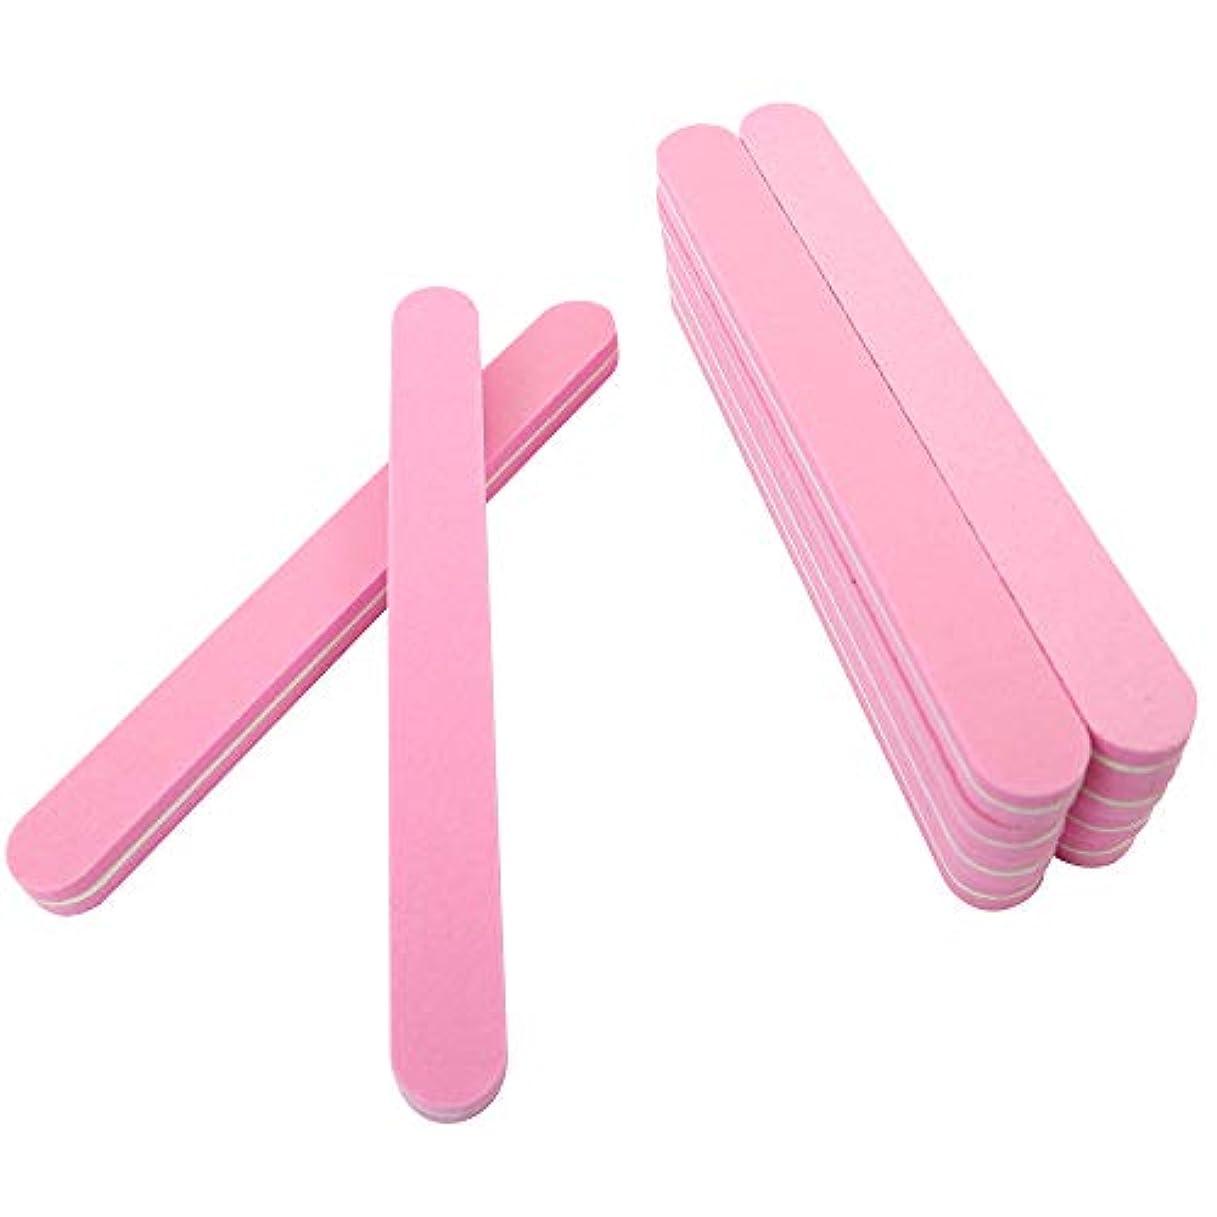 軽量更新ハブブSIEG つめピカ 爪やすり 爪先美人をめざす2ステップ磨きのネイルシャイナー 10本セット